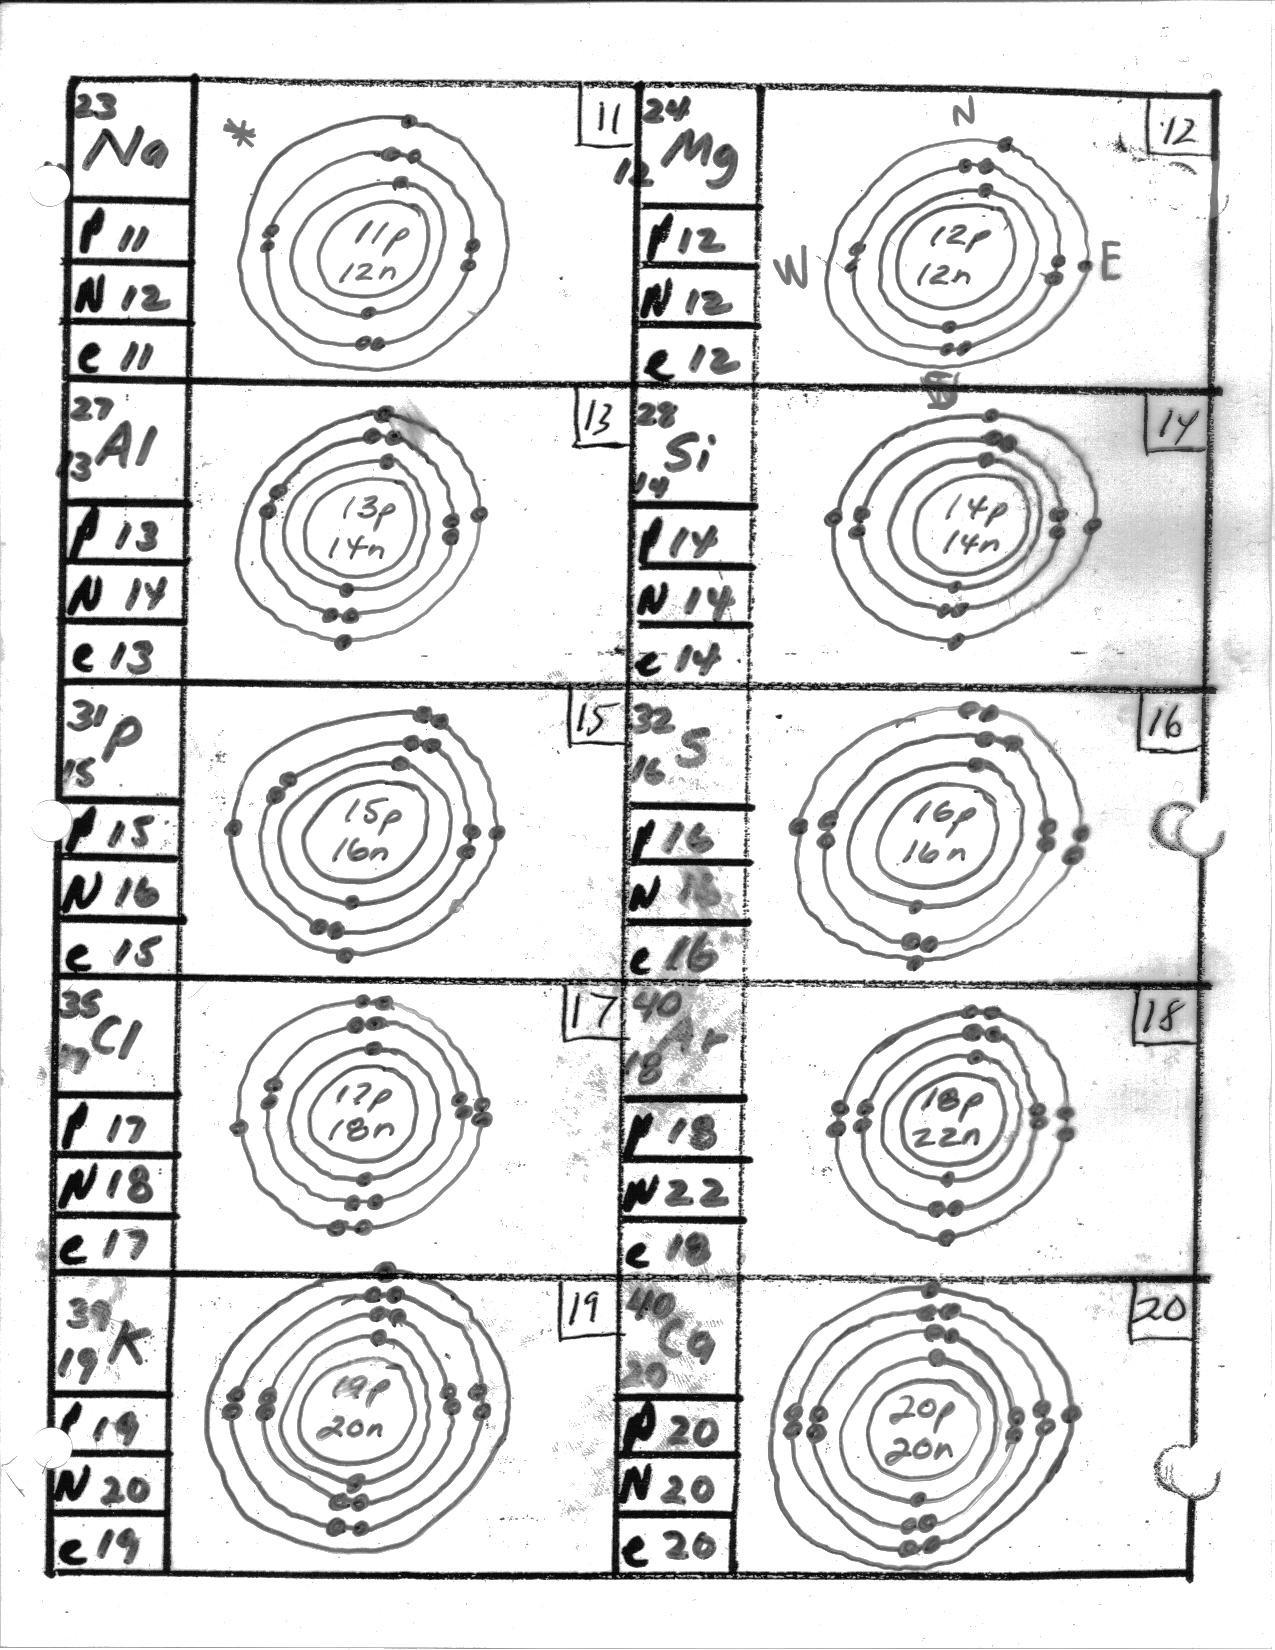 Bohr atomic Models Worksheet Answers atomic Structure Bohr Model Worksheet